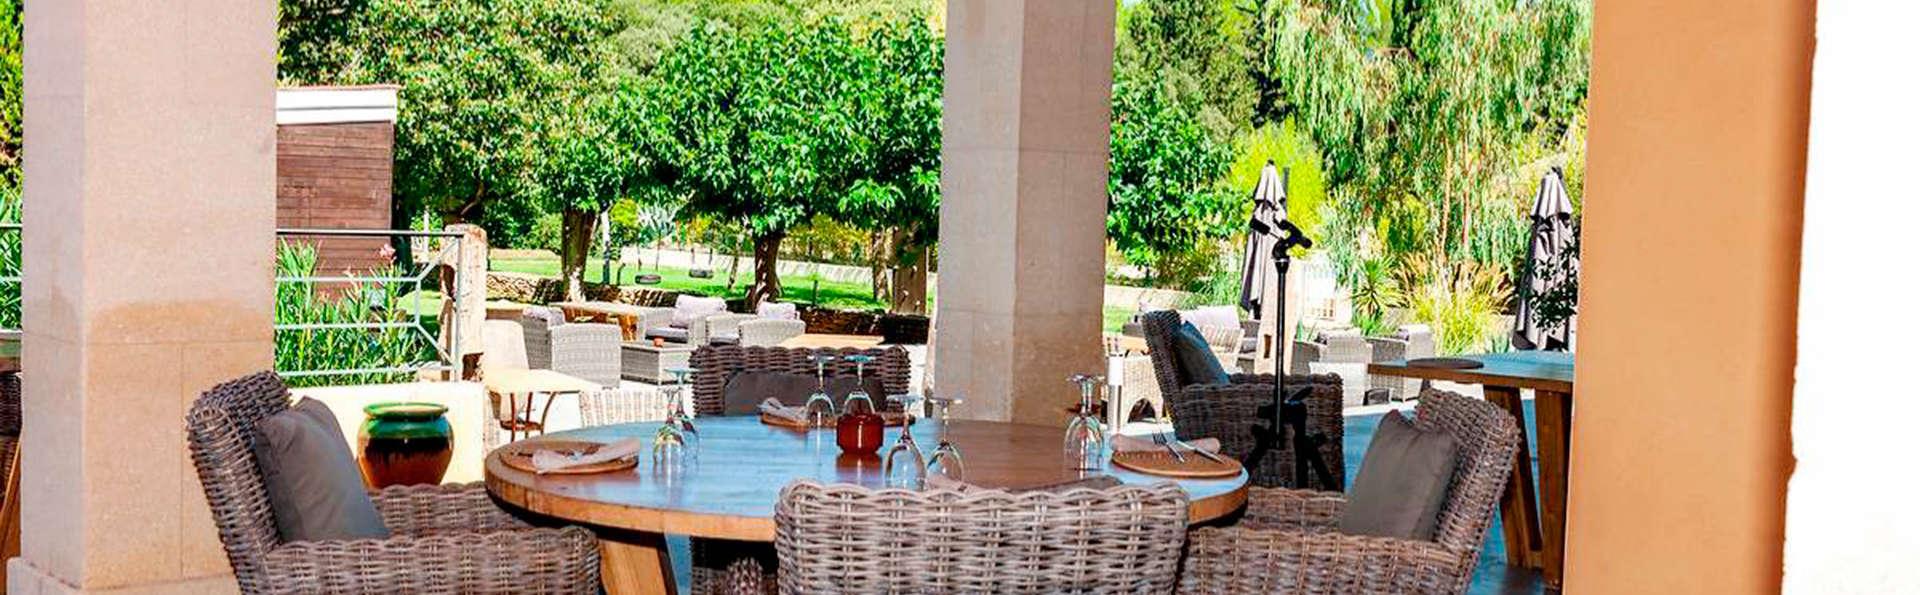 Escapade gourmande dans un hôtel de charme au cœur du Gard